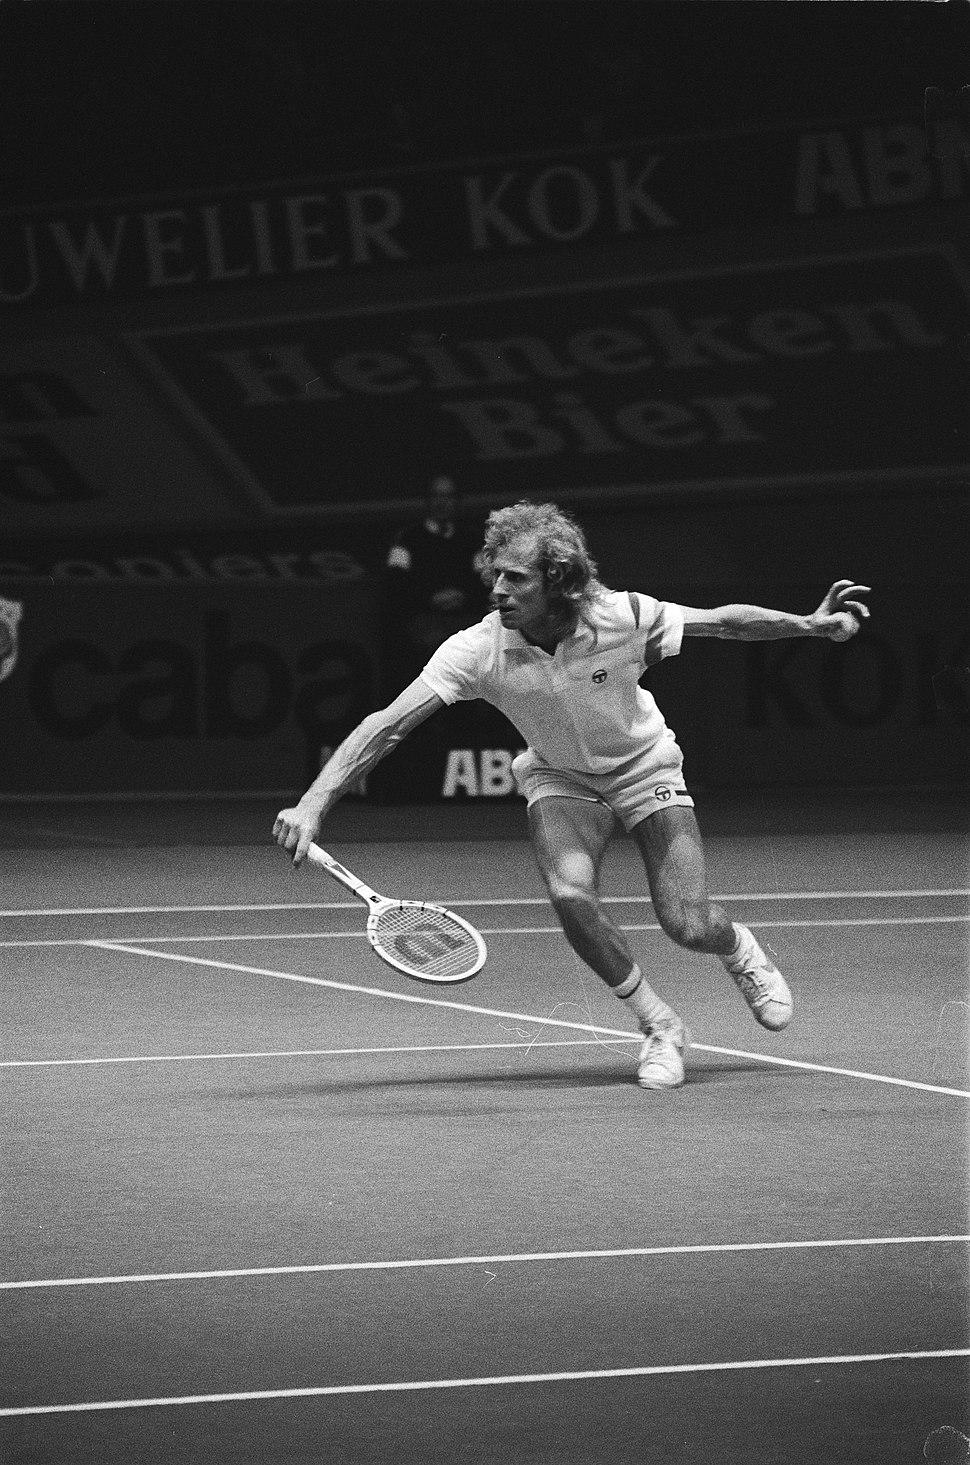 ABN-tennistoernooi in Rotterdam Vitas Gerulaitis in actie, Bestanddeelnr 929-6578